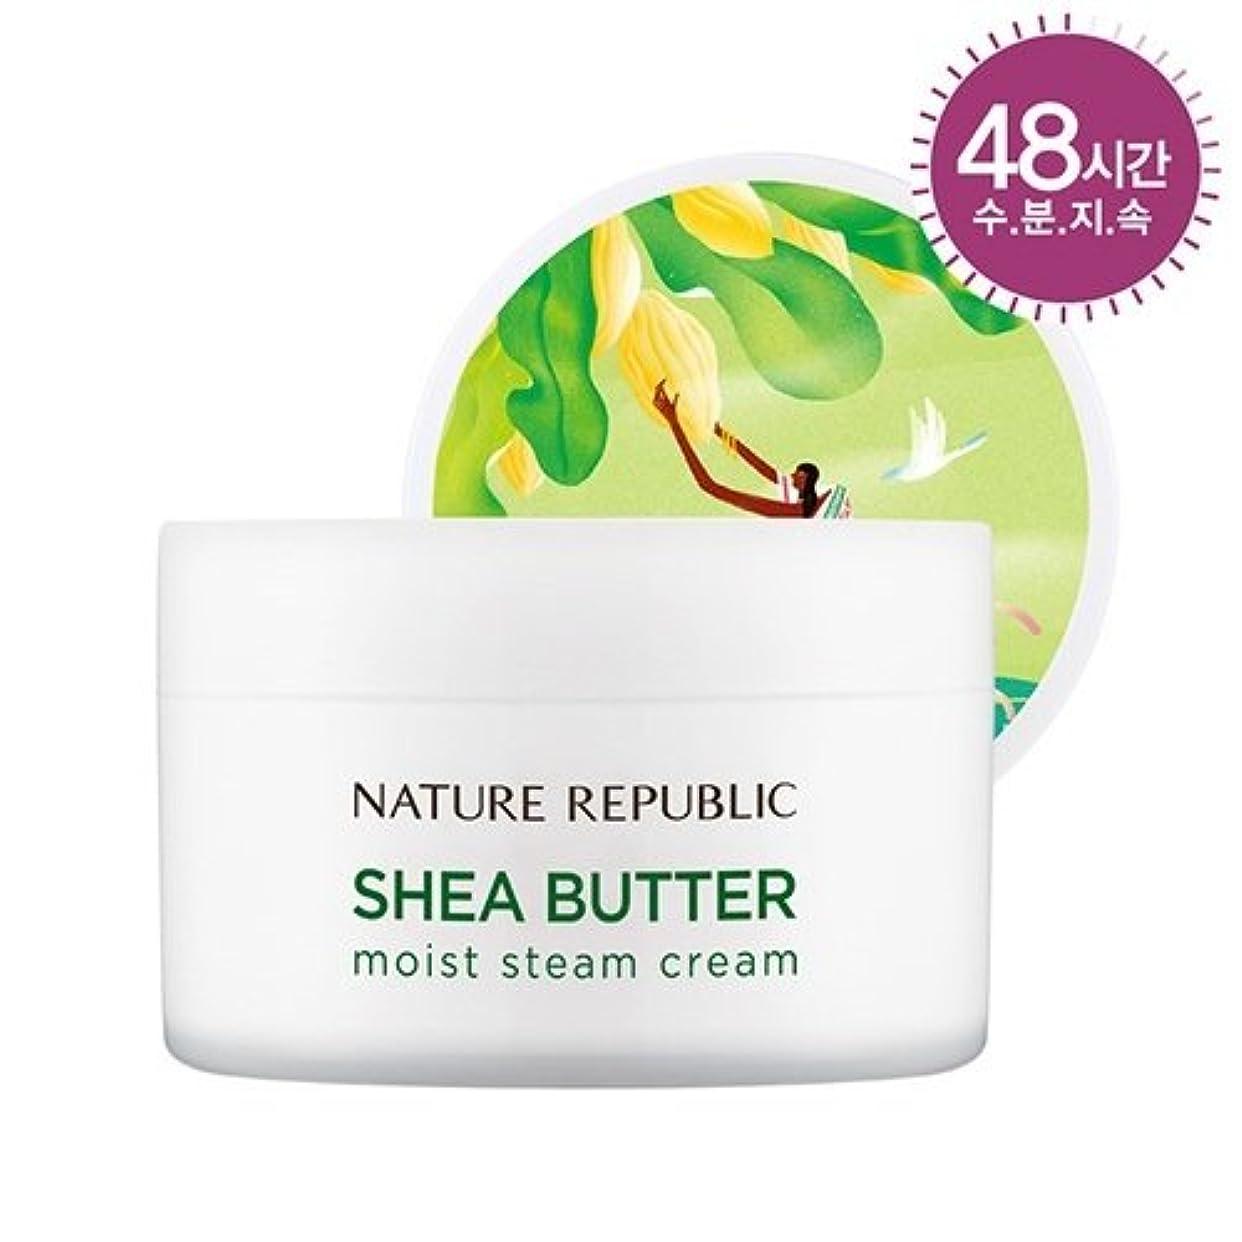 推定する露出度の高い混合したNATURE REPUBLIC(ネイチャーリパブリック) SHEA BUTTER STEAM CREAM シアバター スチーム クリーム #モイスト乾燥肌